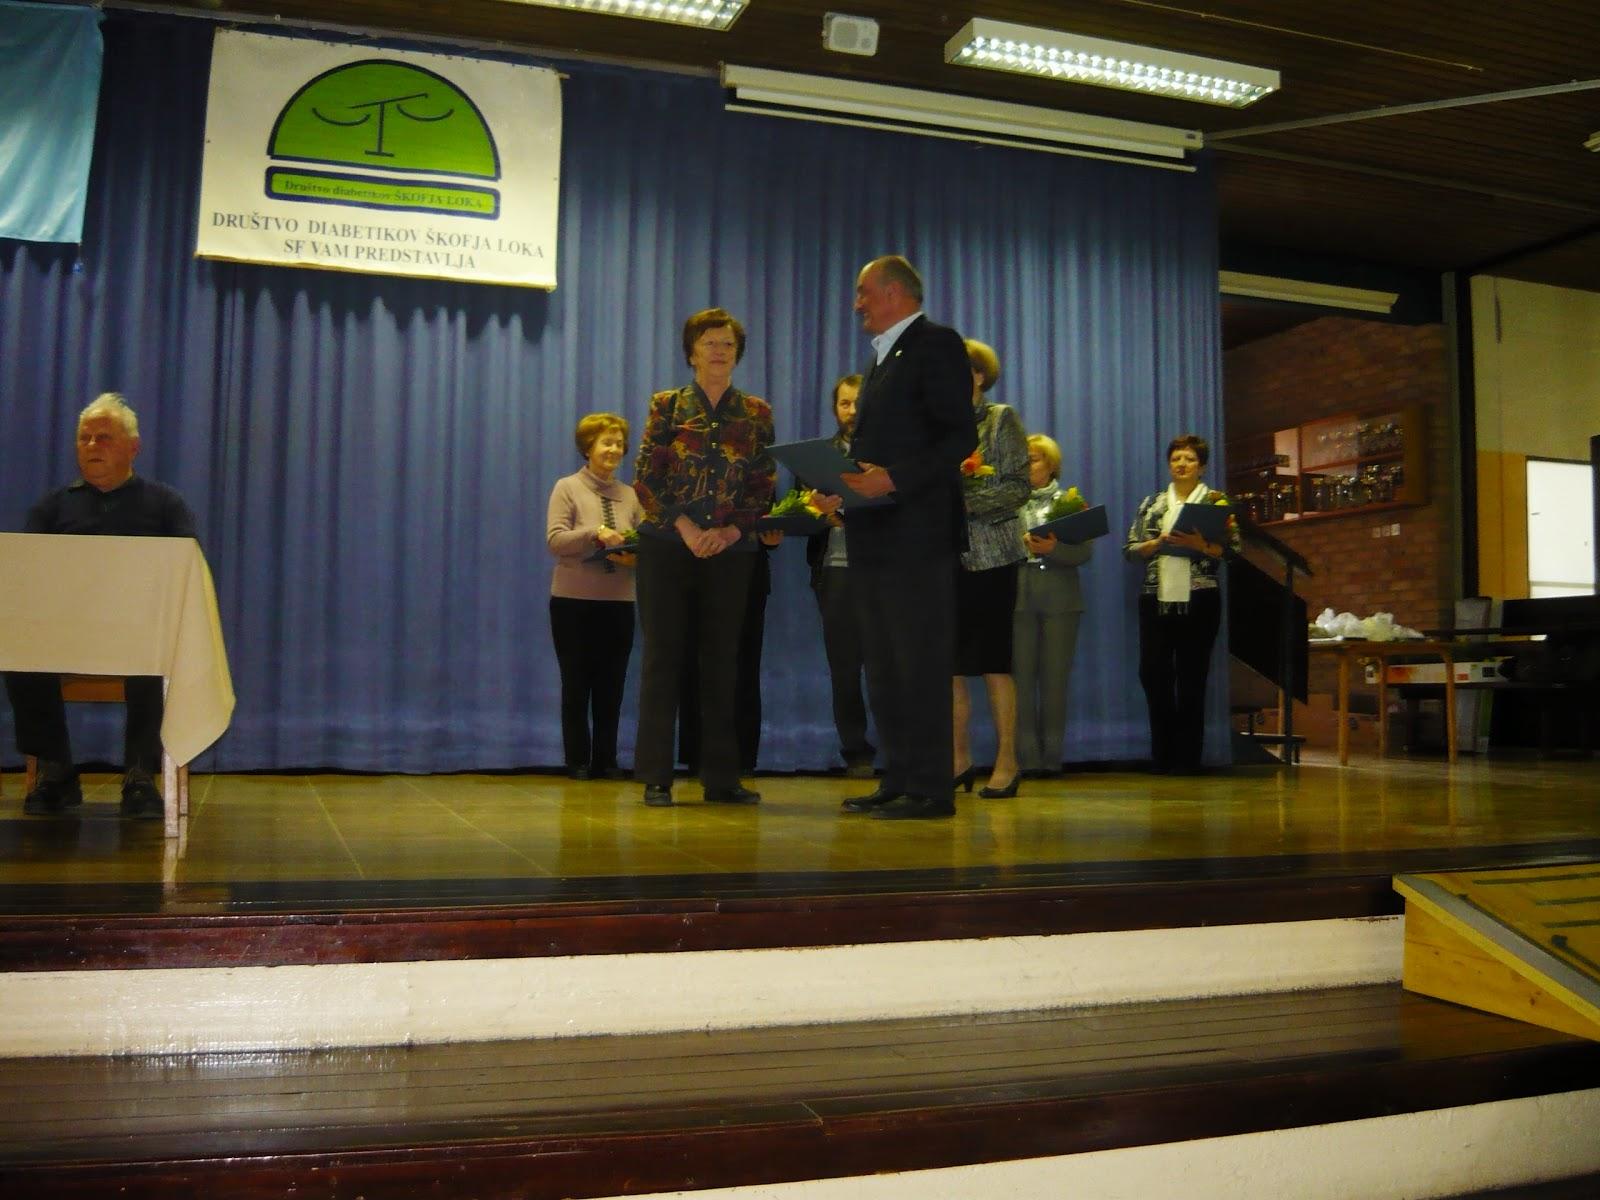 Občni zbor 2013 - P1060449.JPG